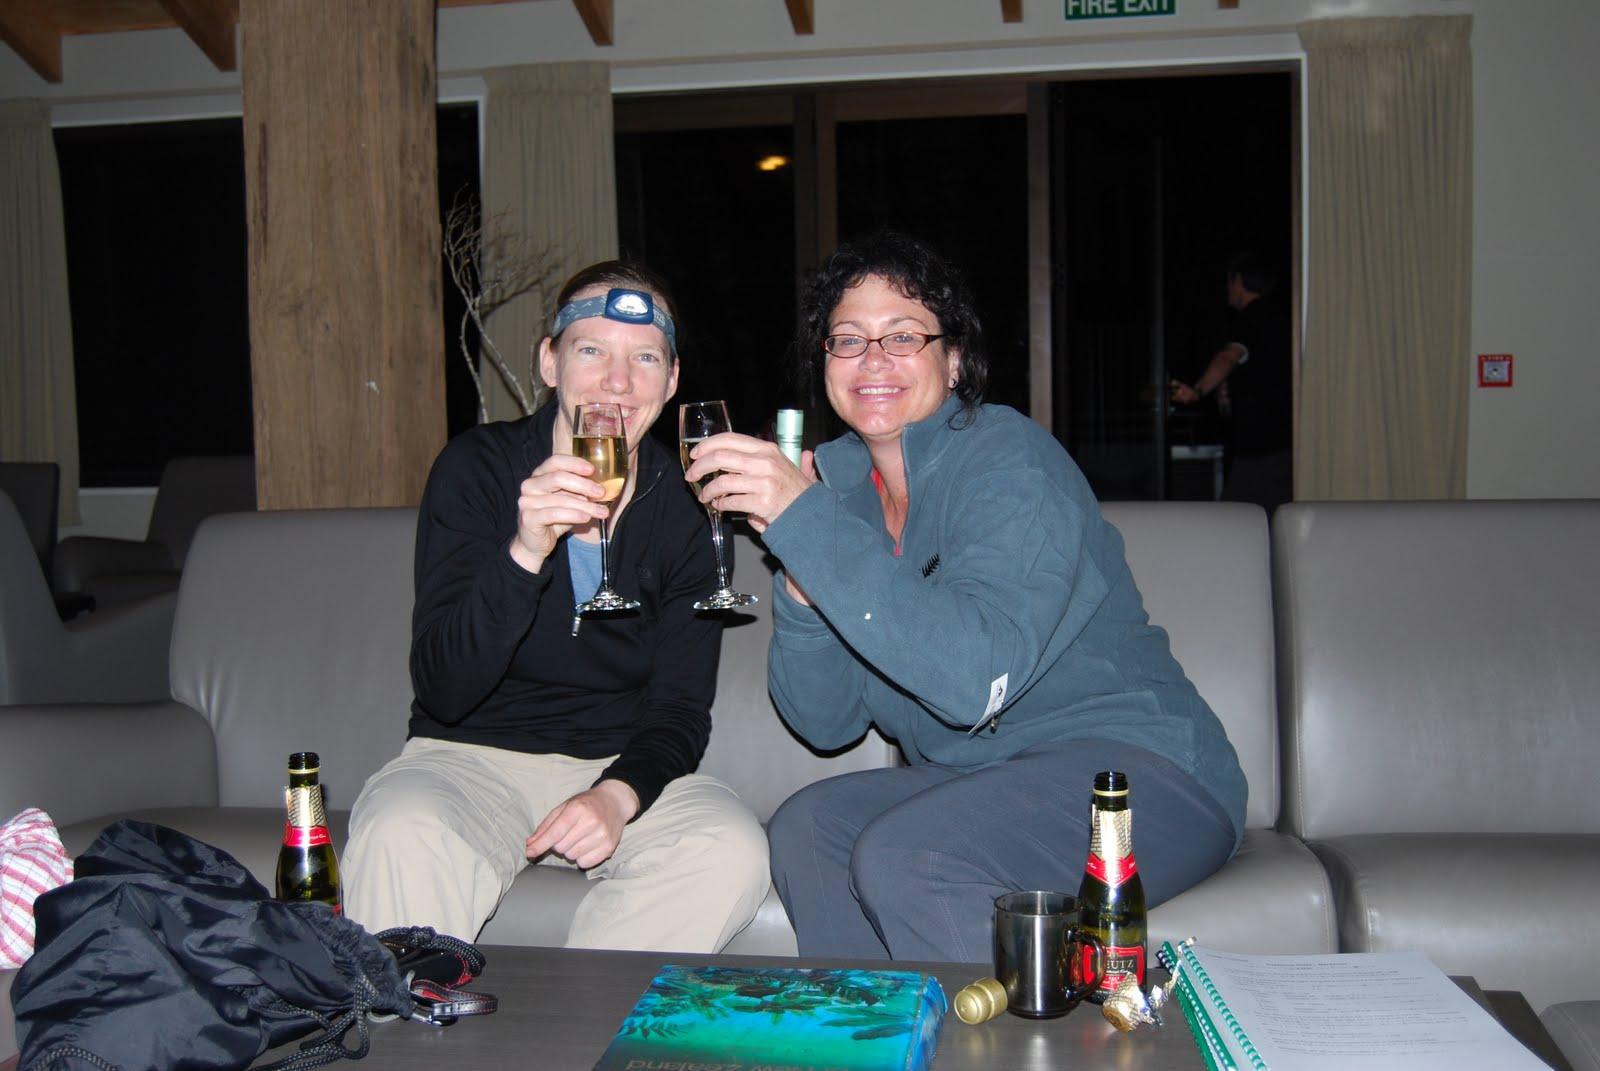 http://1.bp.blogspot.com/-HksfDFRXAfU/Tdt5TafLuWI/AAAAAAAADBs/JyafV5Zxo68/s1600/NZ-NewYears-SharonRenee3.JPG